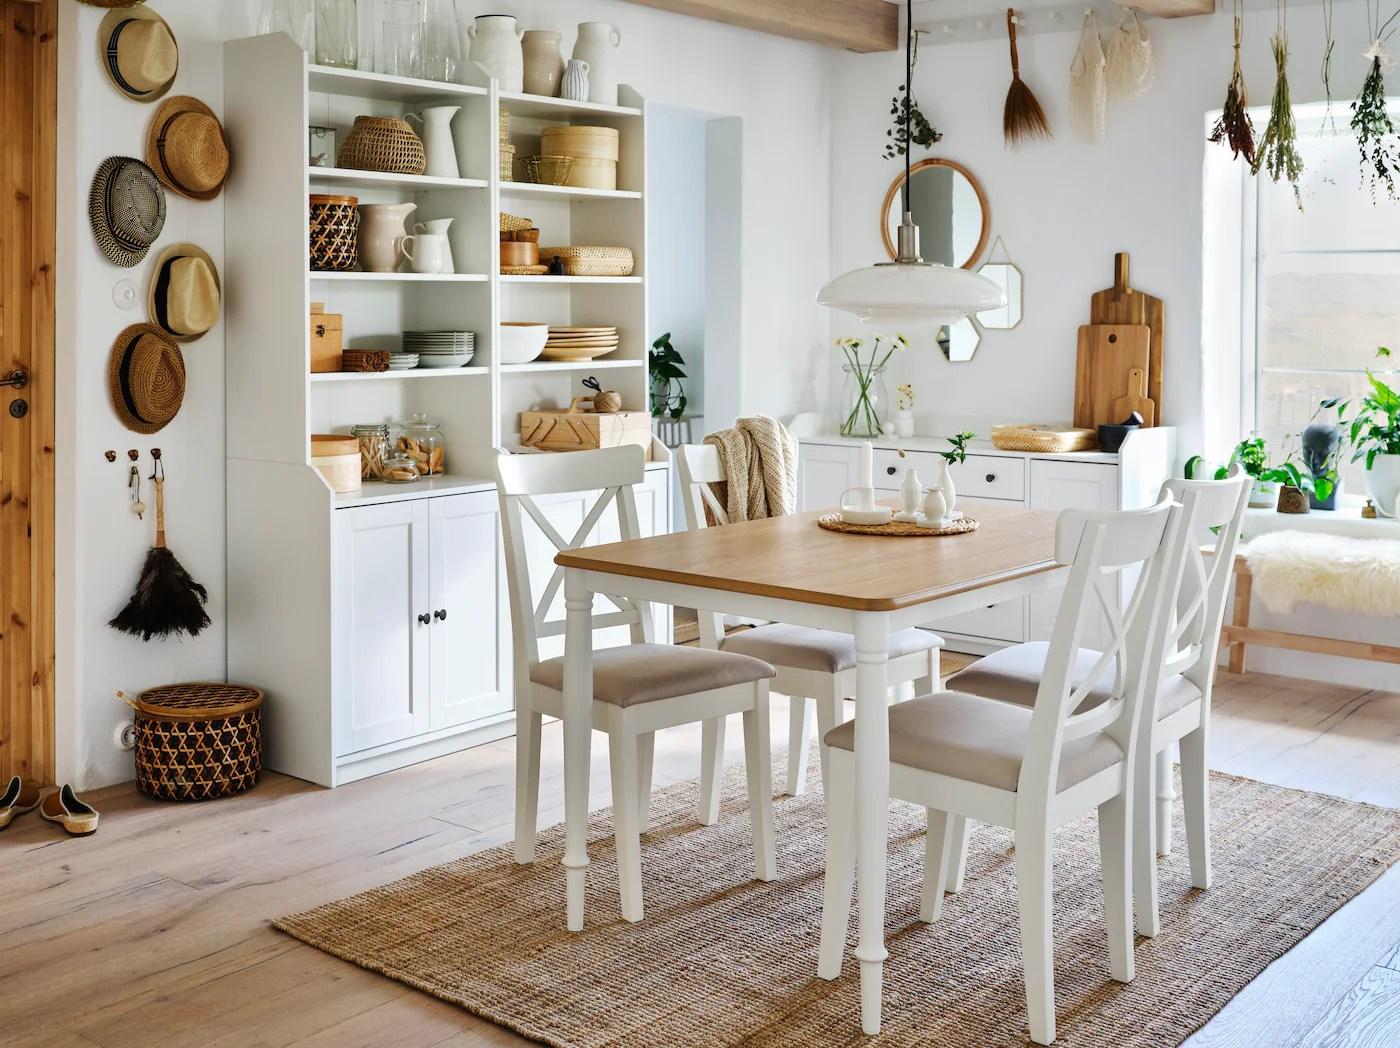 meubles et decoration pour l interieur